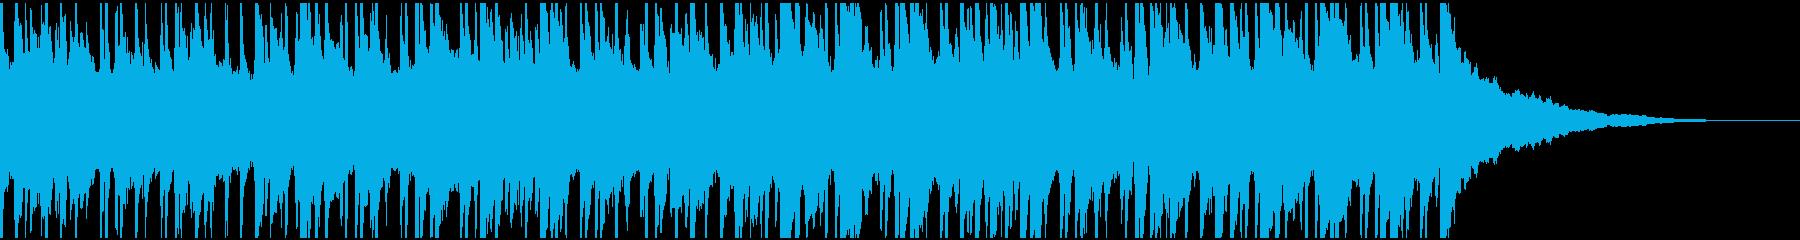 ウクレレ、リコーダーの楽しい楽曲60秒Bの再生済みの波形